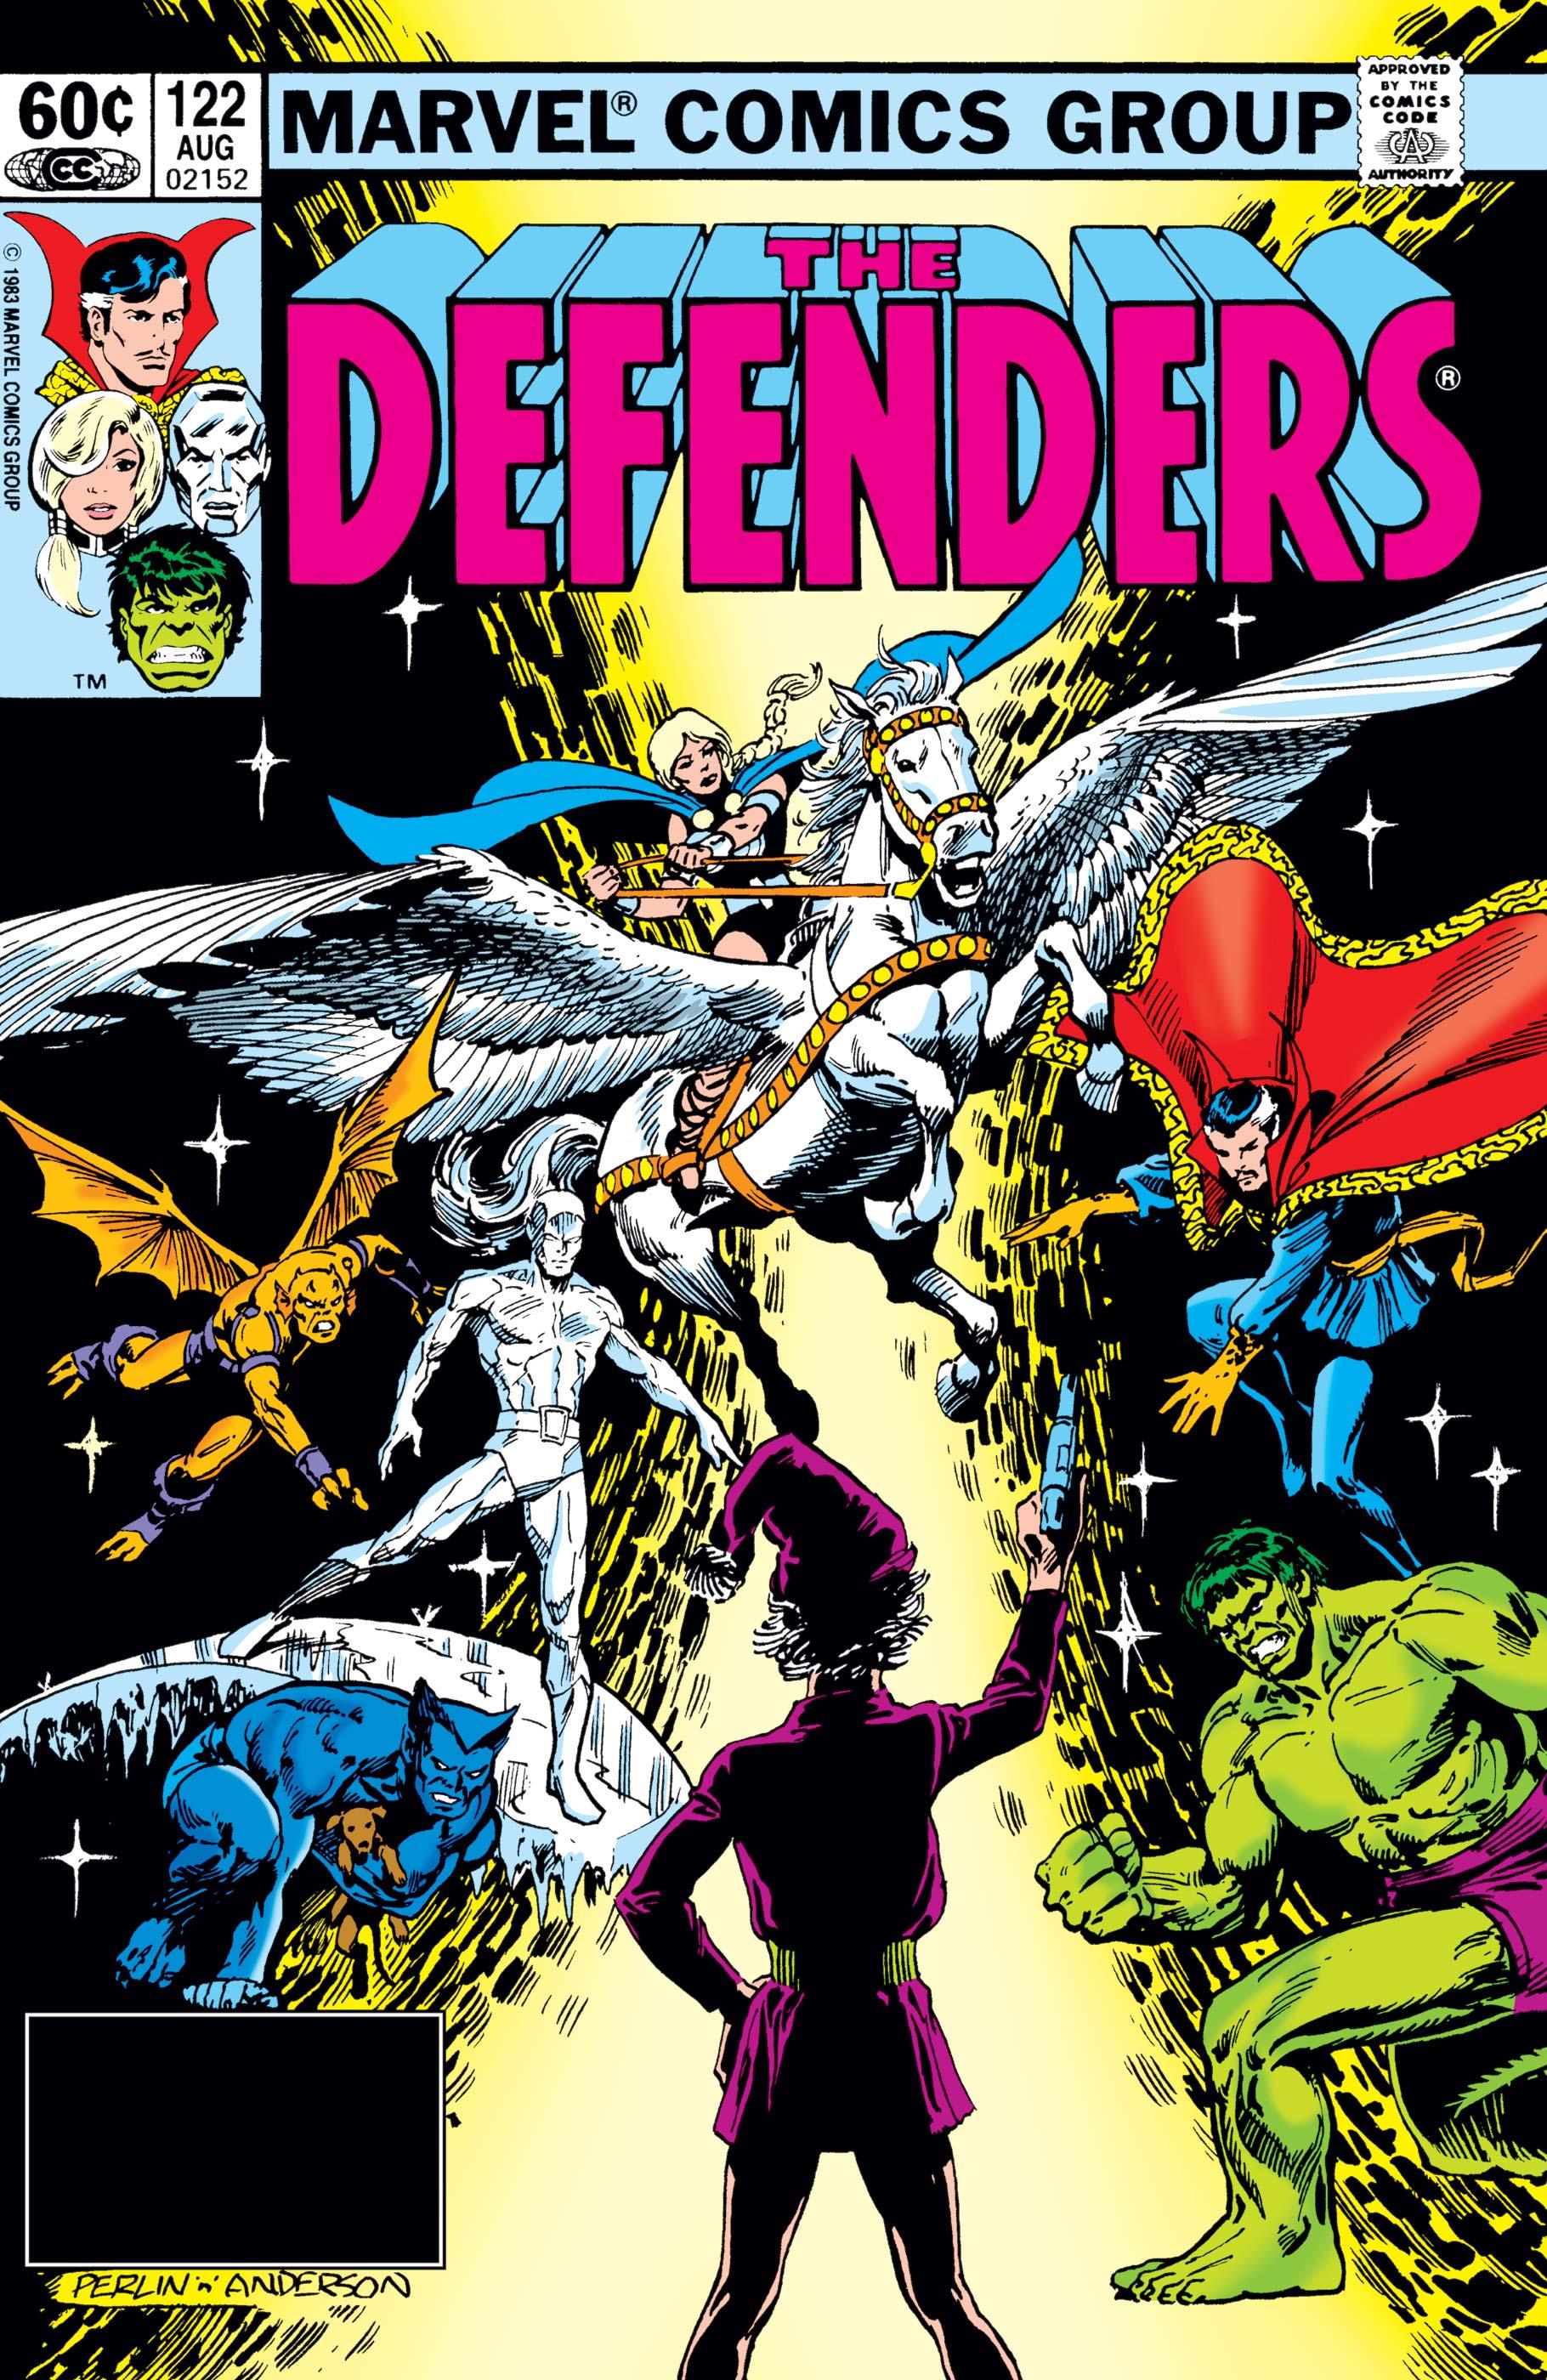 Defenders (1972) #122